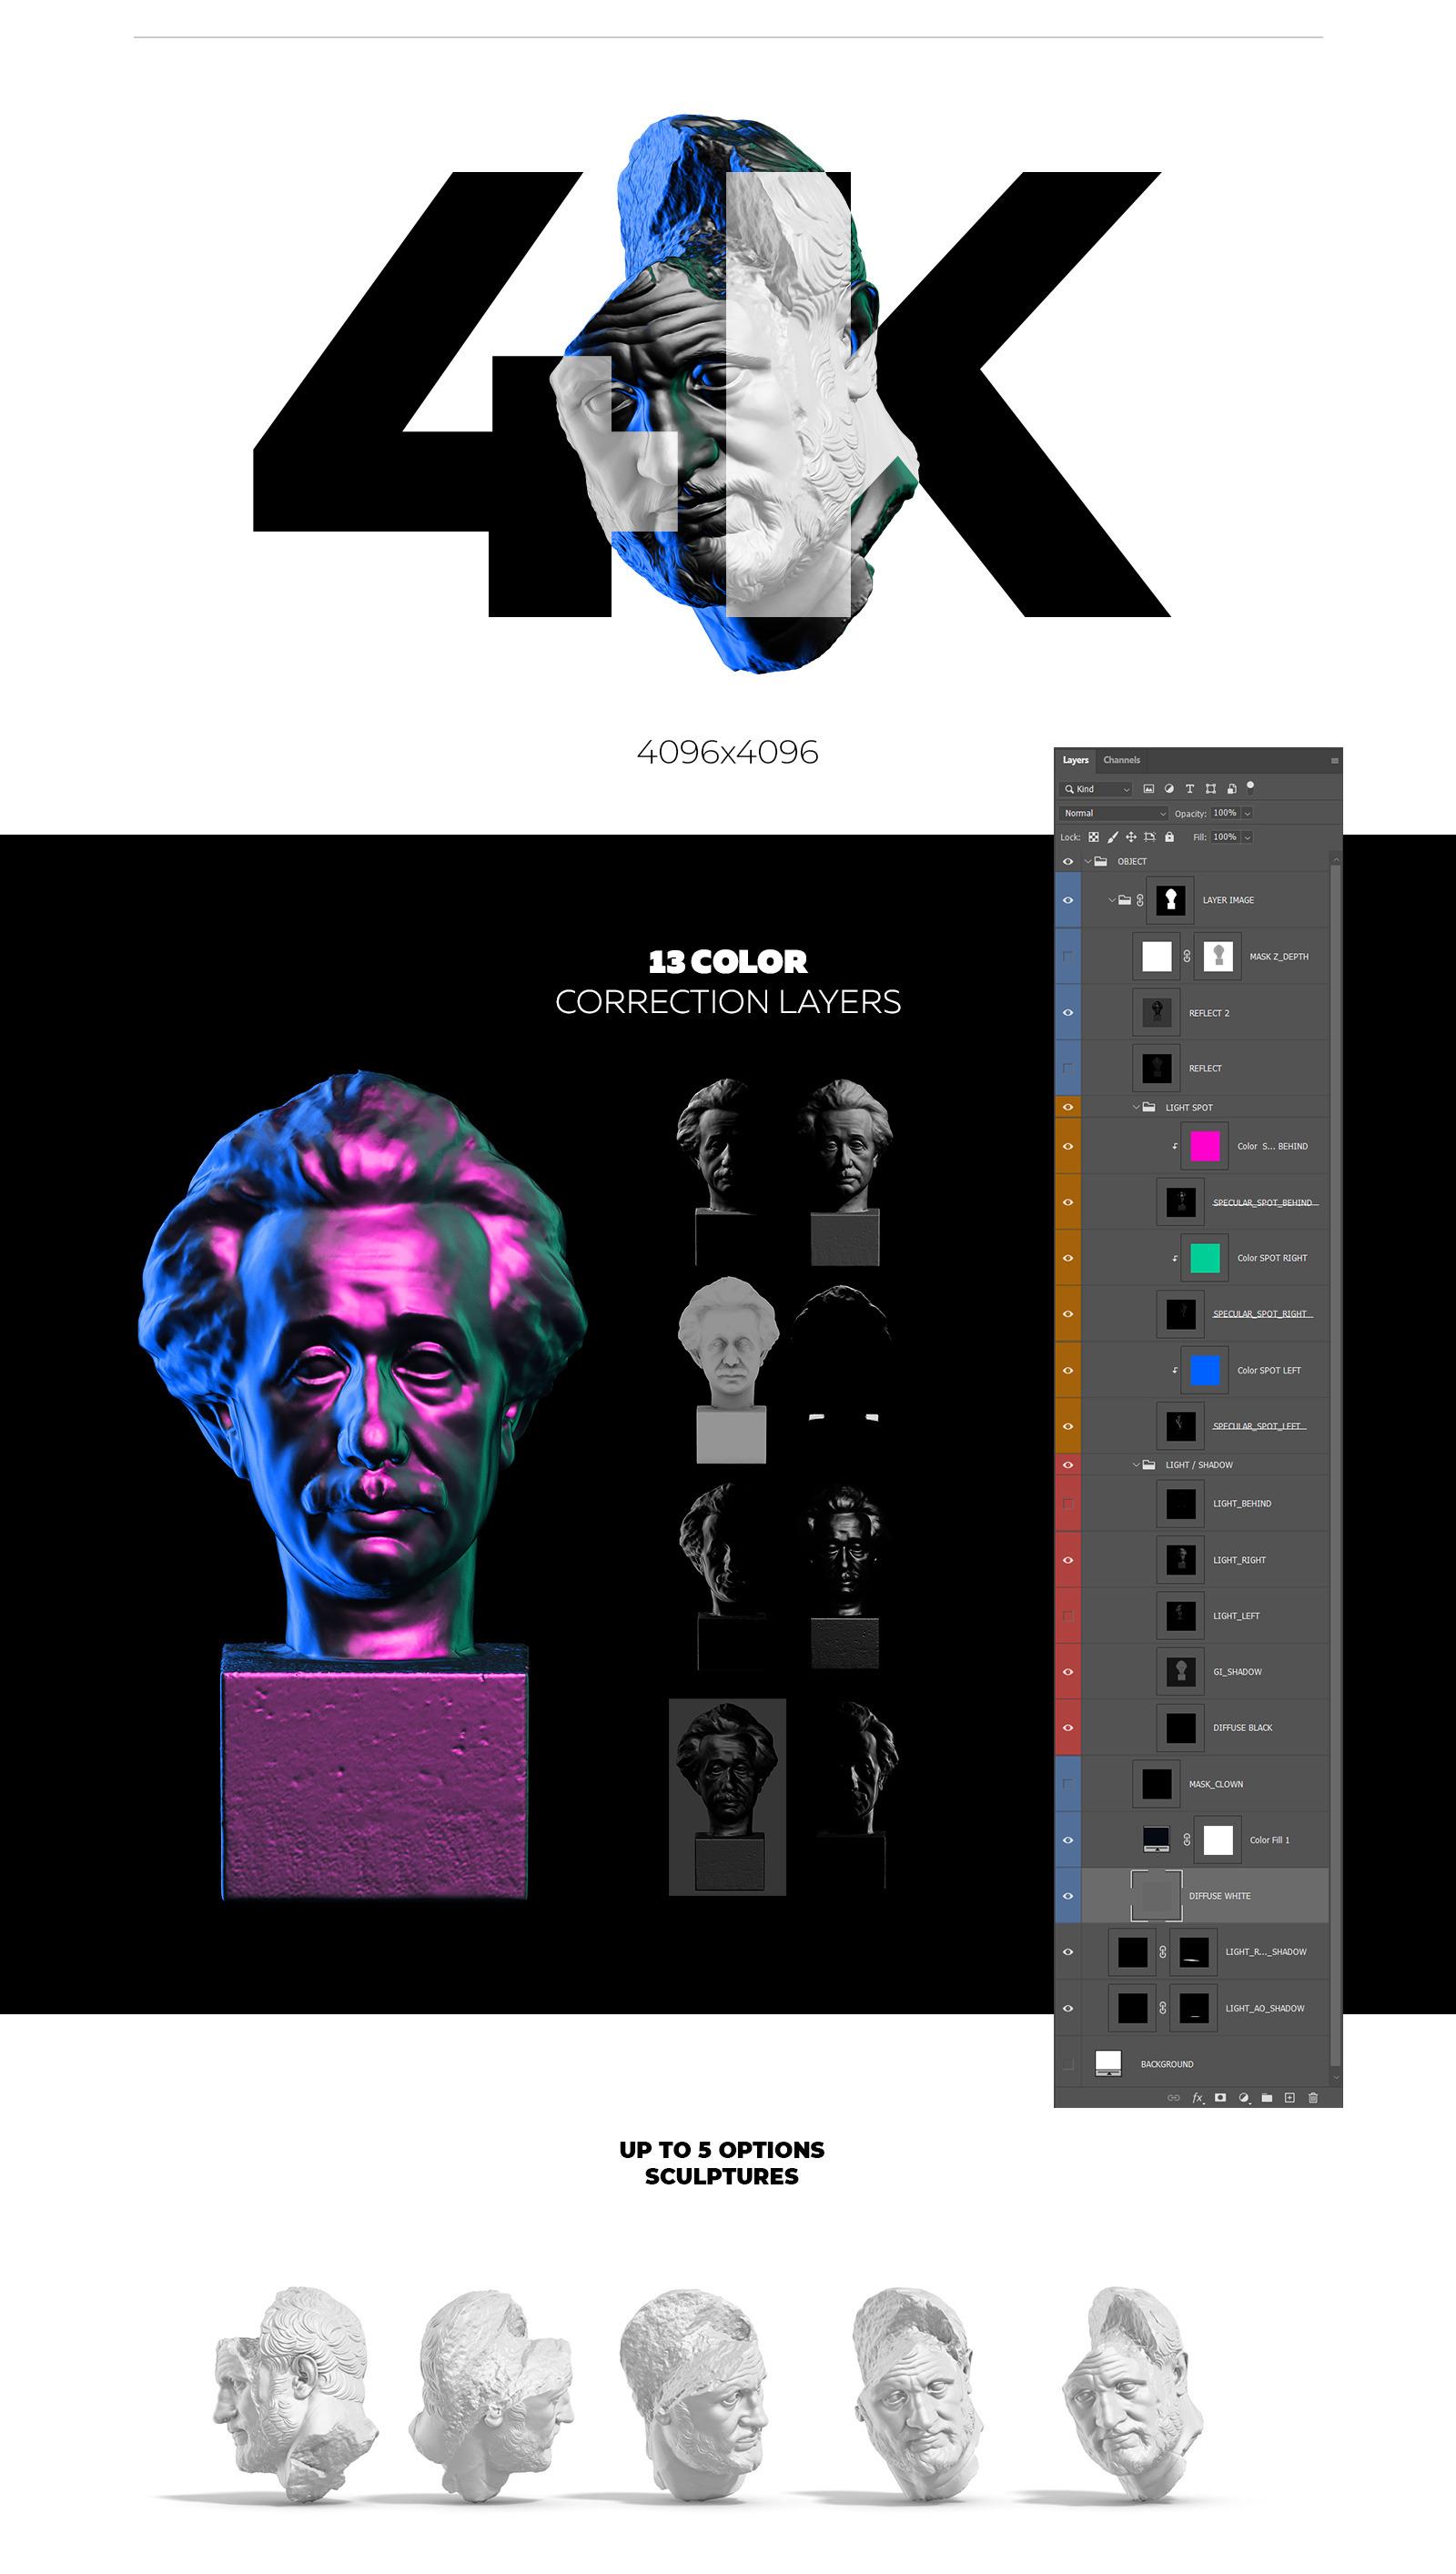 [淘宝购买] 85款多角度复古蒸汽波3D半身人物石膏雕塑Ps设计素材 Collection Of 85 Sculptures Busts插图(3)